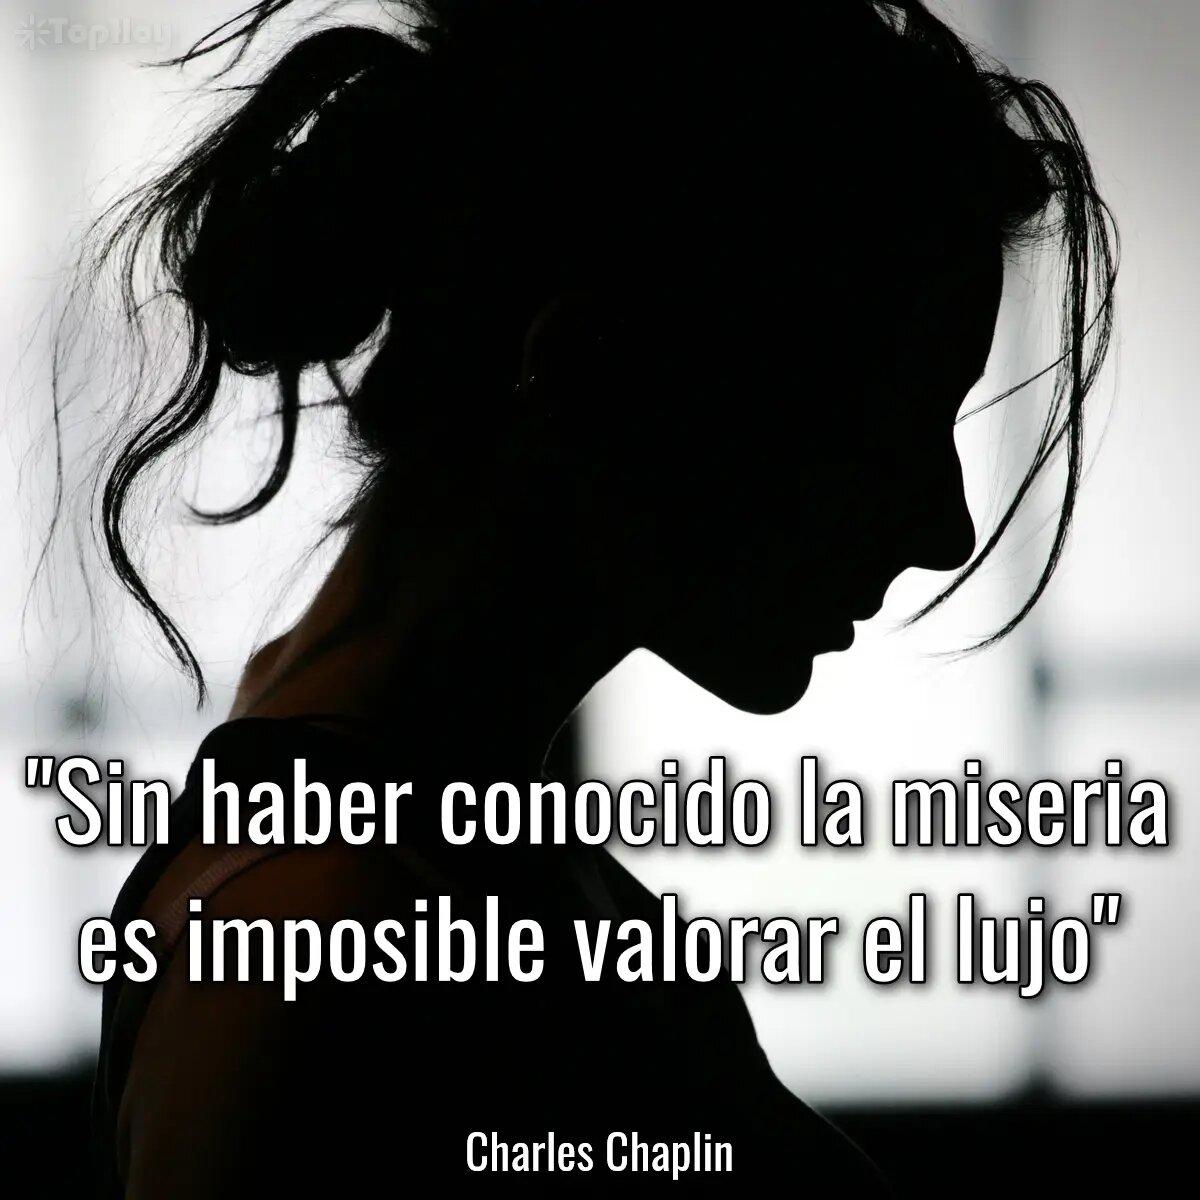 Sin haber conocido la miseria es imposible valorar el lujo.